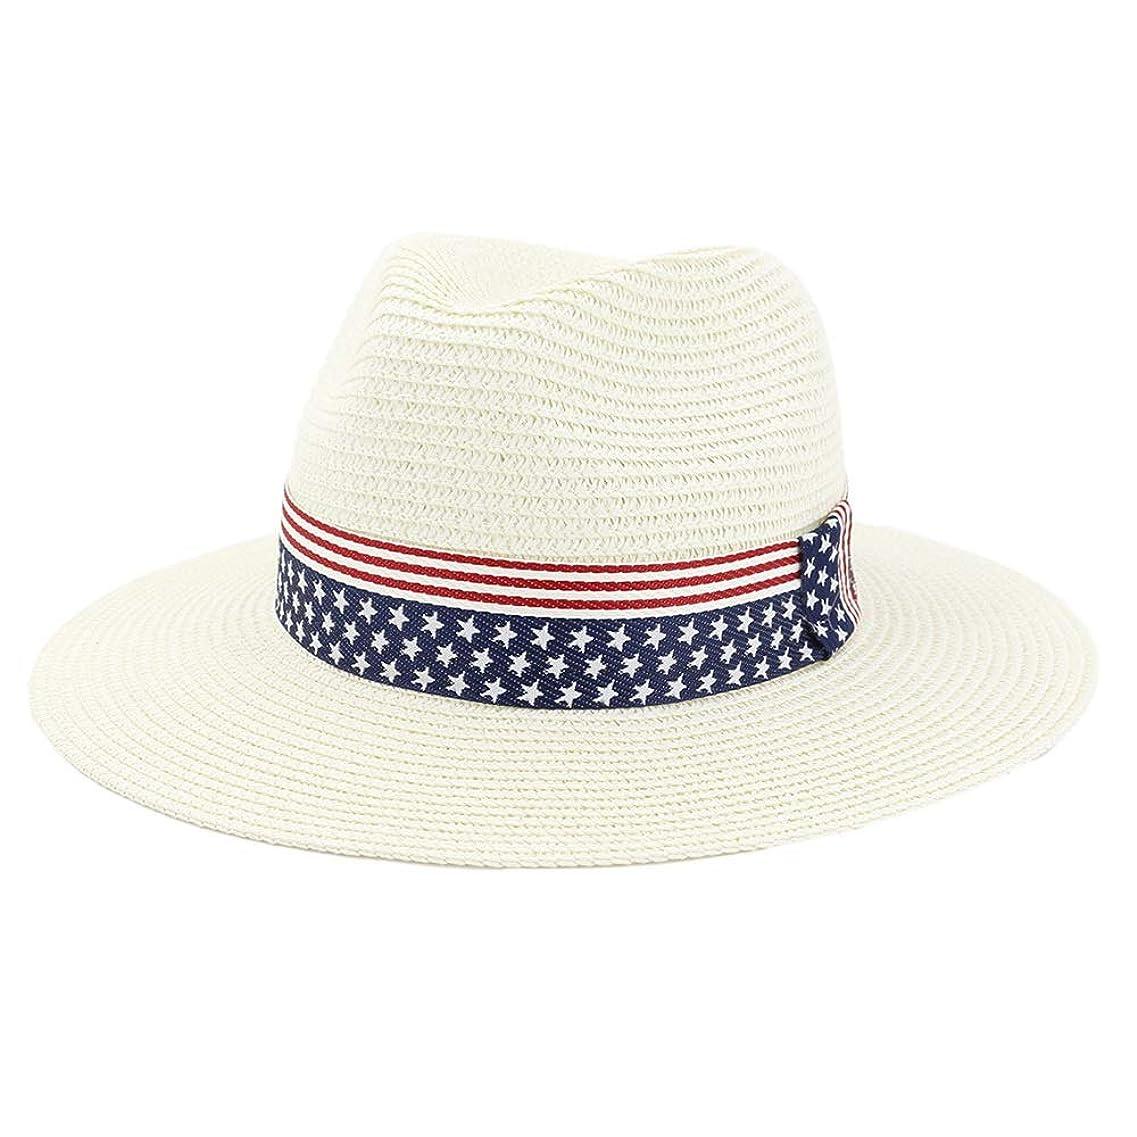 コンクリート厚さ書き込みファッションバイザー 夏の紙の麦わら帽子広いつばのビーチの日曜日の帽子の人の女性の英国式ジャズのソフト帽の帽子のカウボーイの日曜日の帽子米国の旗のリボンのシルクハット (色 : クリーム, サイズ : 56-58CM)